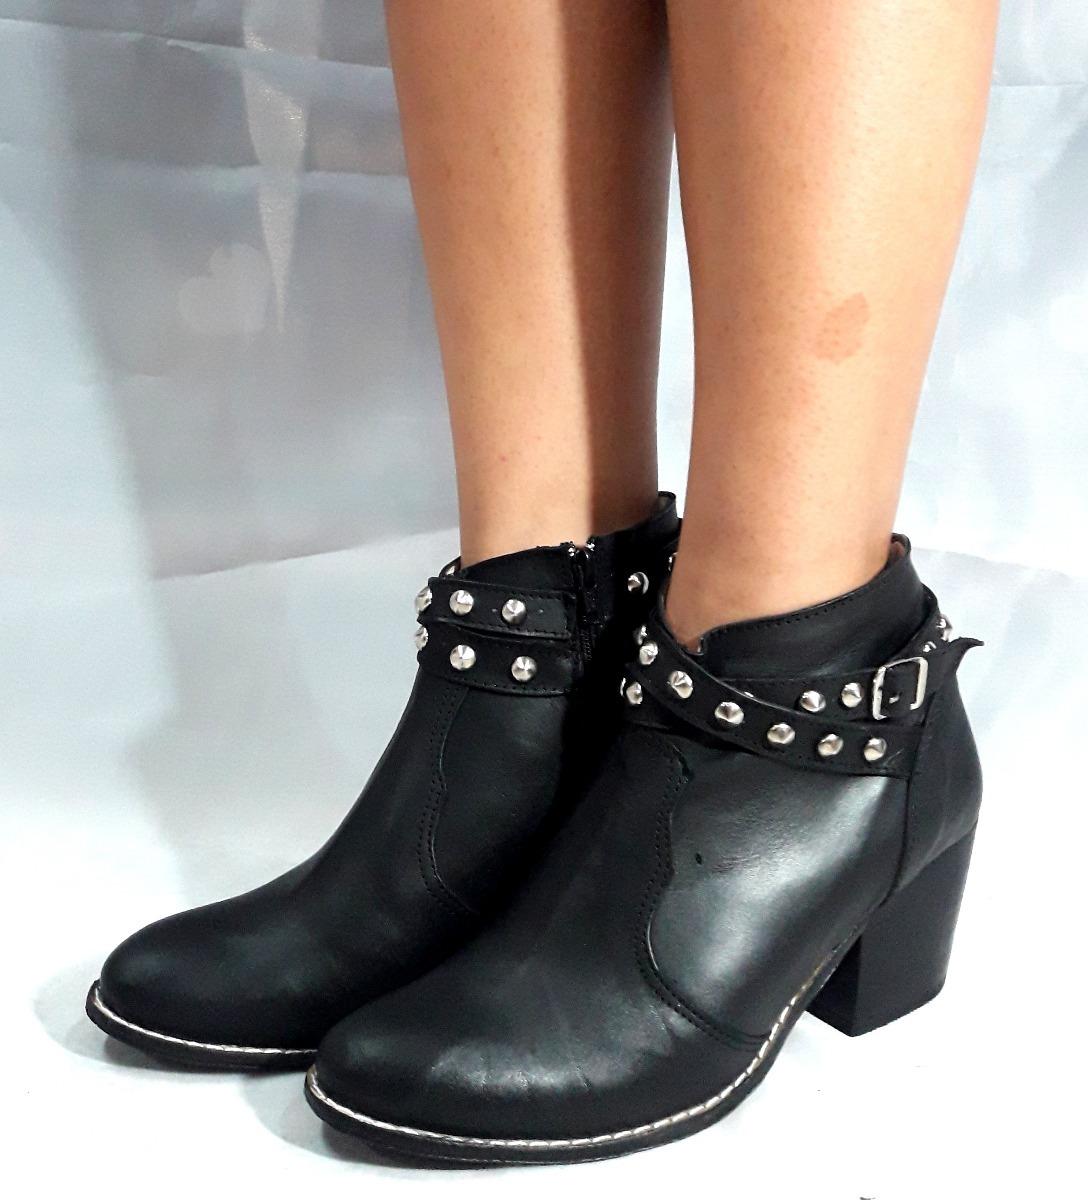 acdd21f989 sam123 botas cortas talles grandes cuero cuotas naty negras. Cargando zoom.